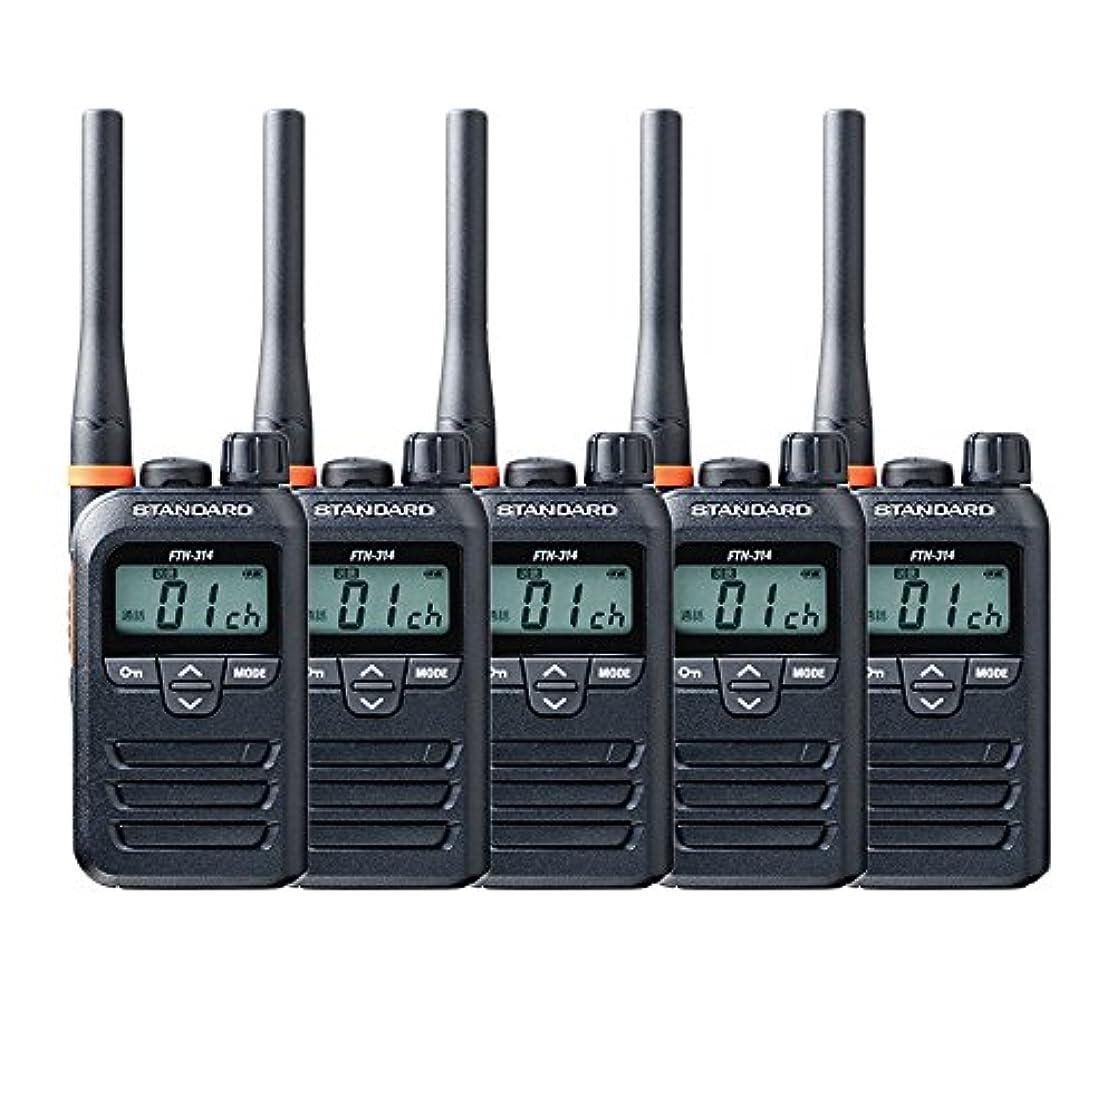 応じる公式モバイルFTH-314 八重洲無線 スタンダード 特定小電力 トランシーバー 5台セット